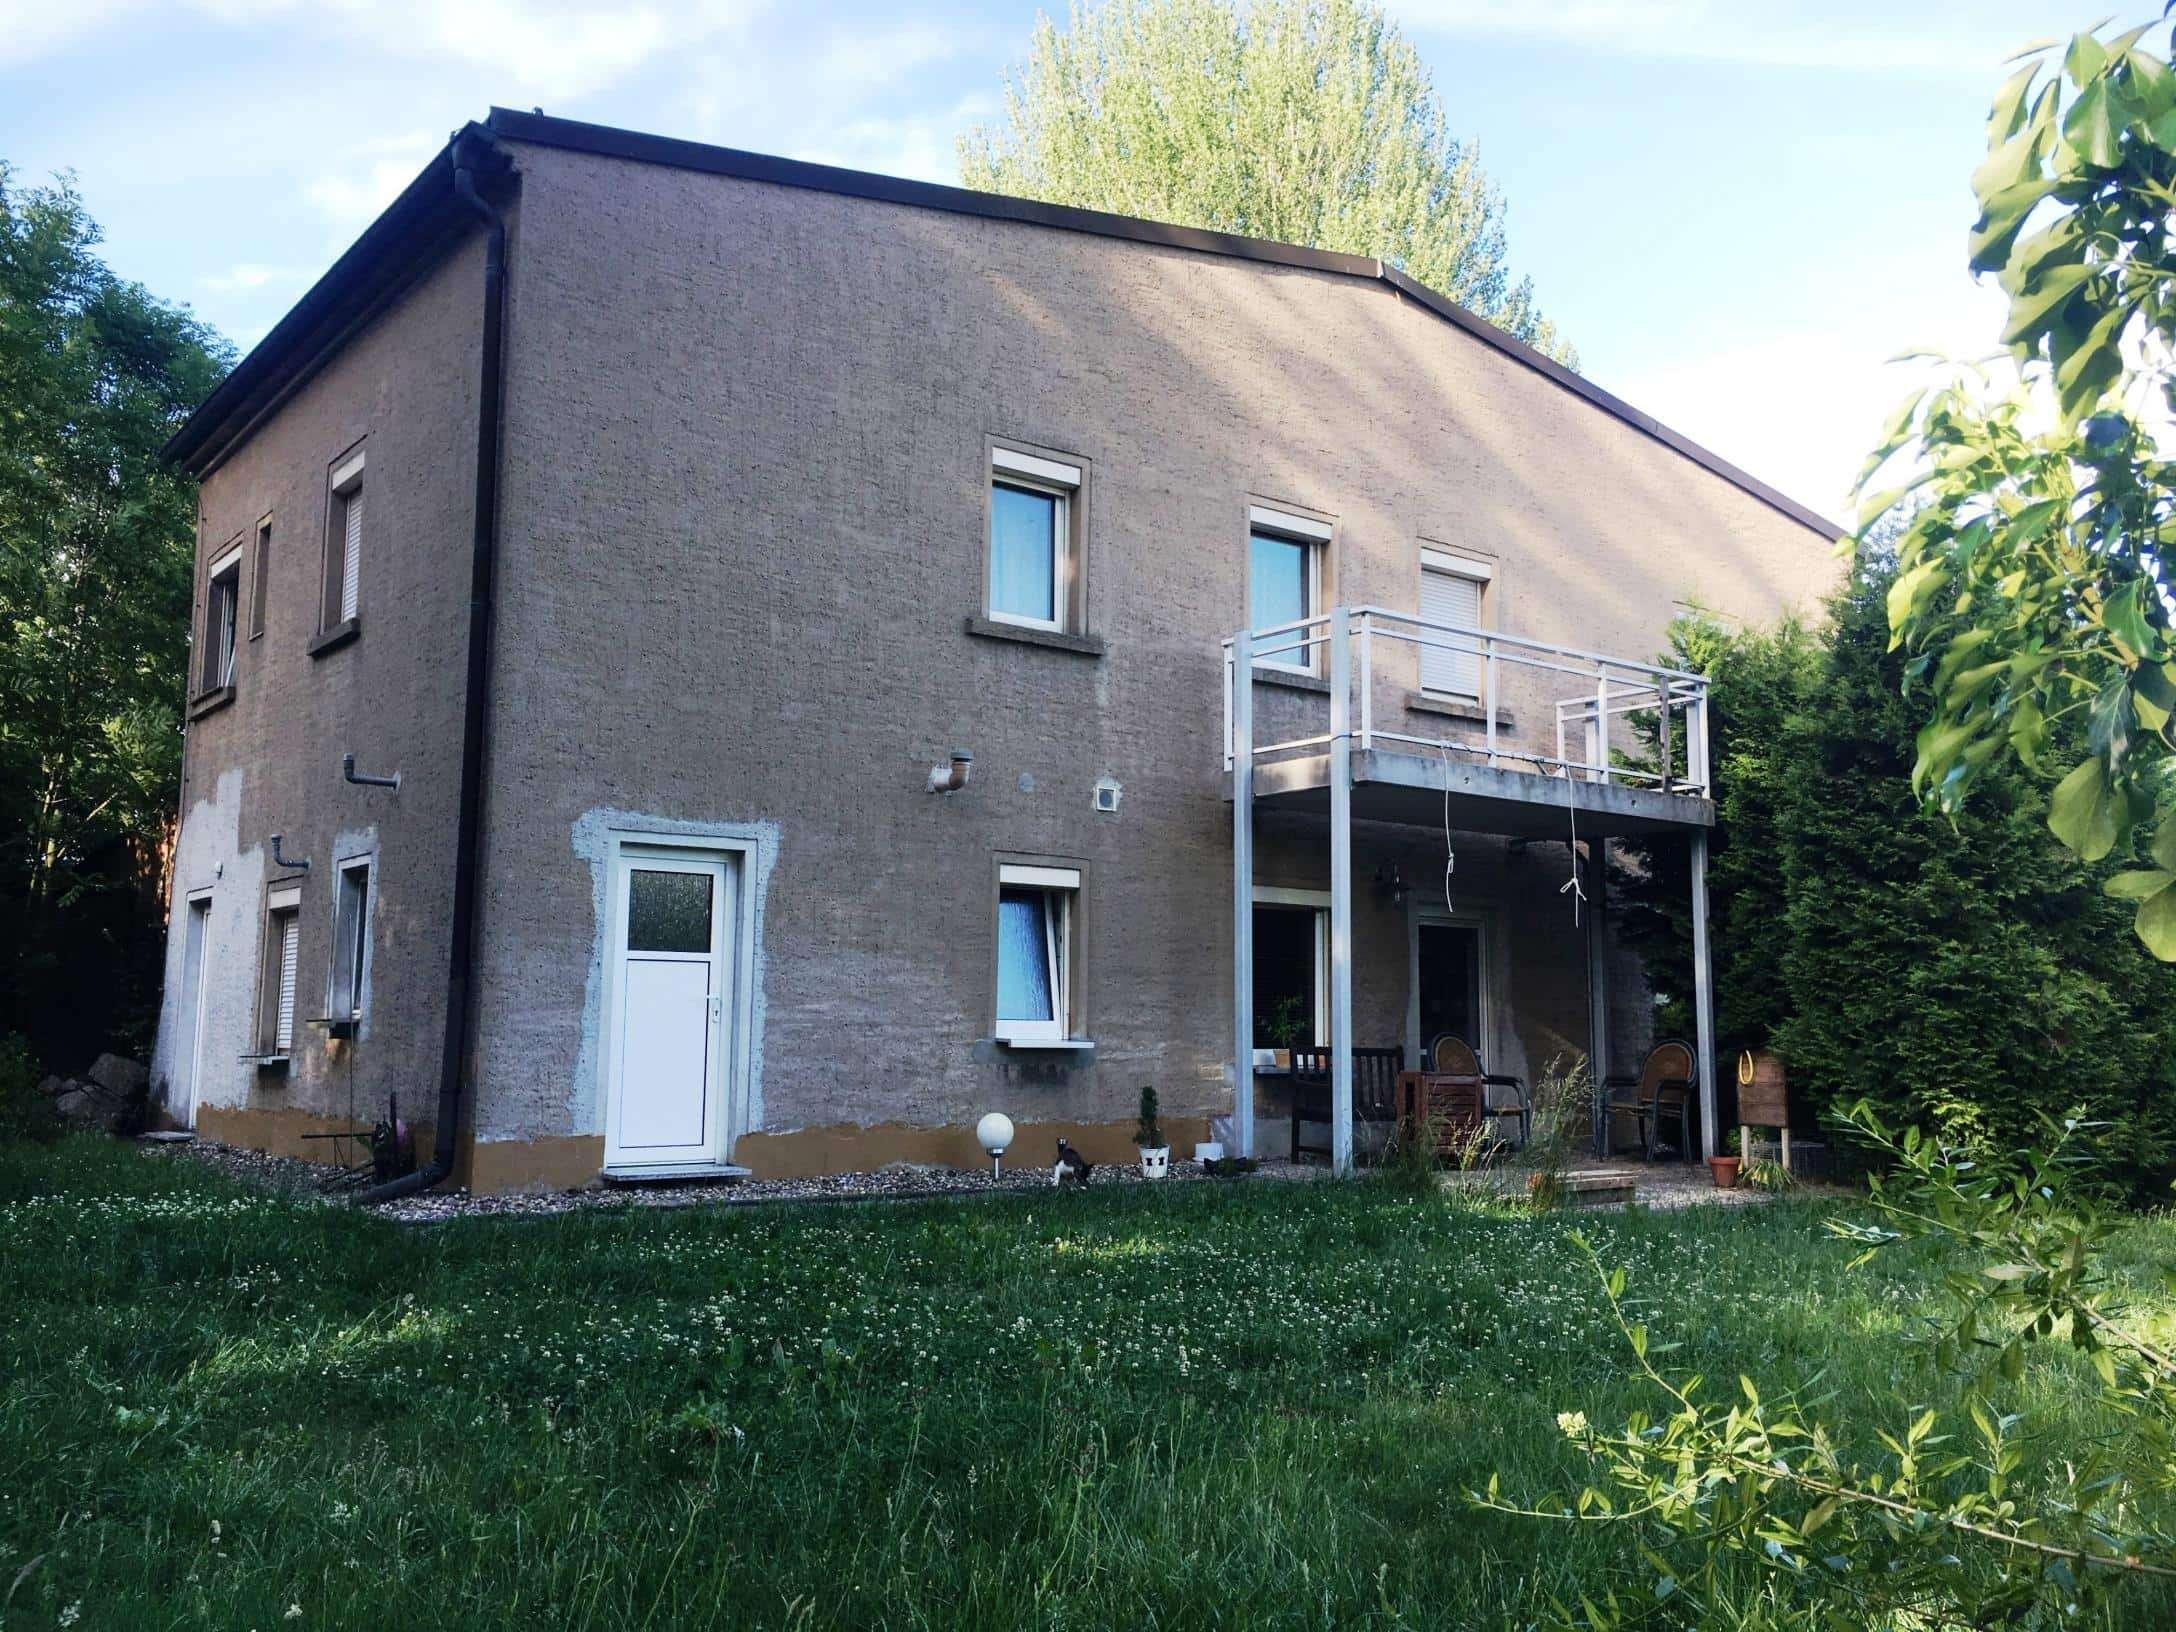 Ländliches Anwesen mit viel Gestaltungspotential auf großzügigem Grundstück - Haus zum Kauf in Lommatzsch